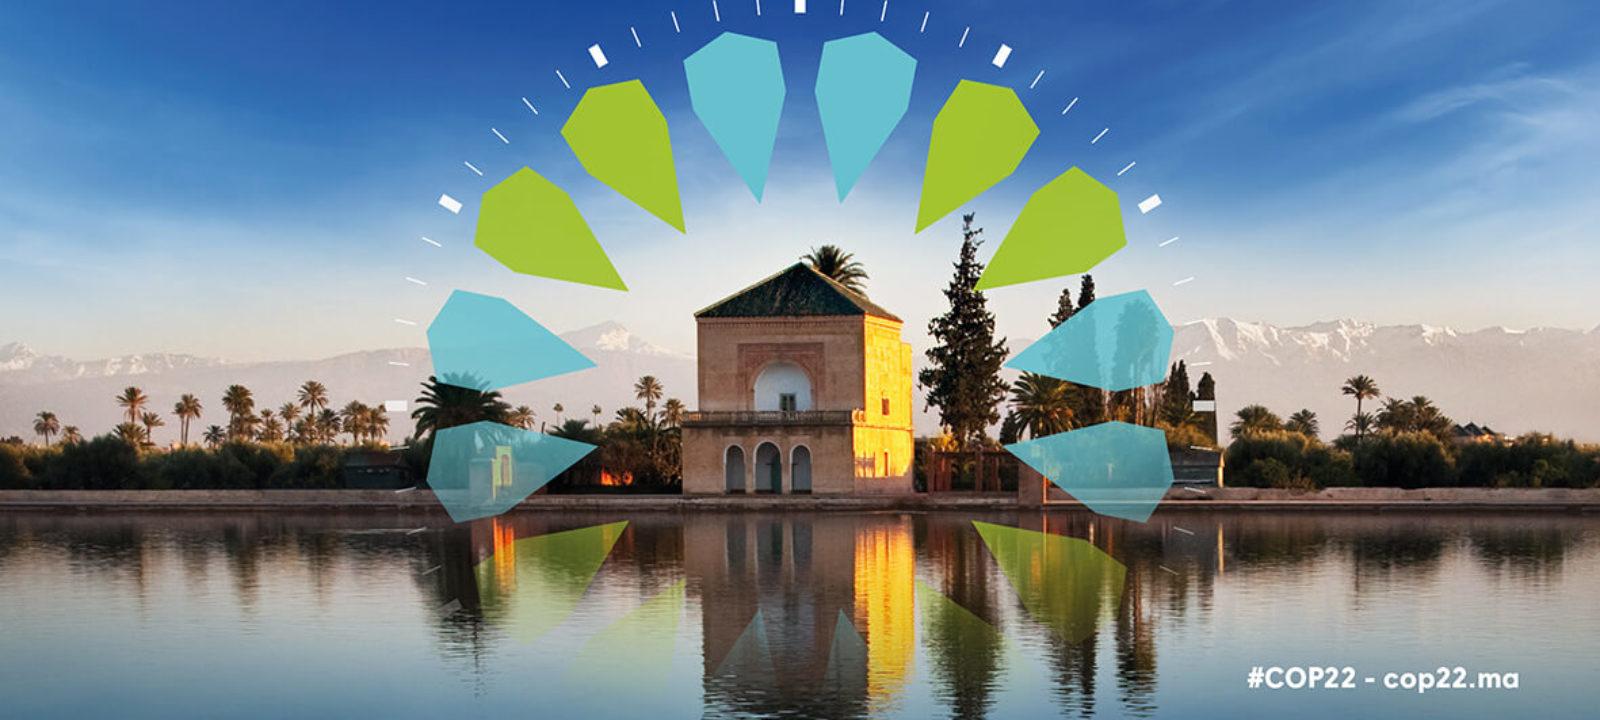 """كوب """"24"""".. المغرب يجدد التأكيد على التزامه بالمحافظة الاستباقية على البيئة"""